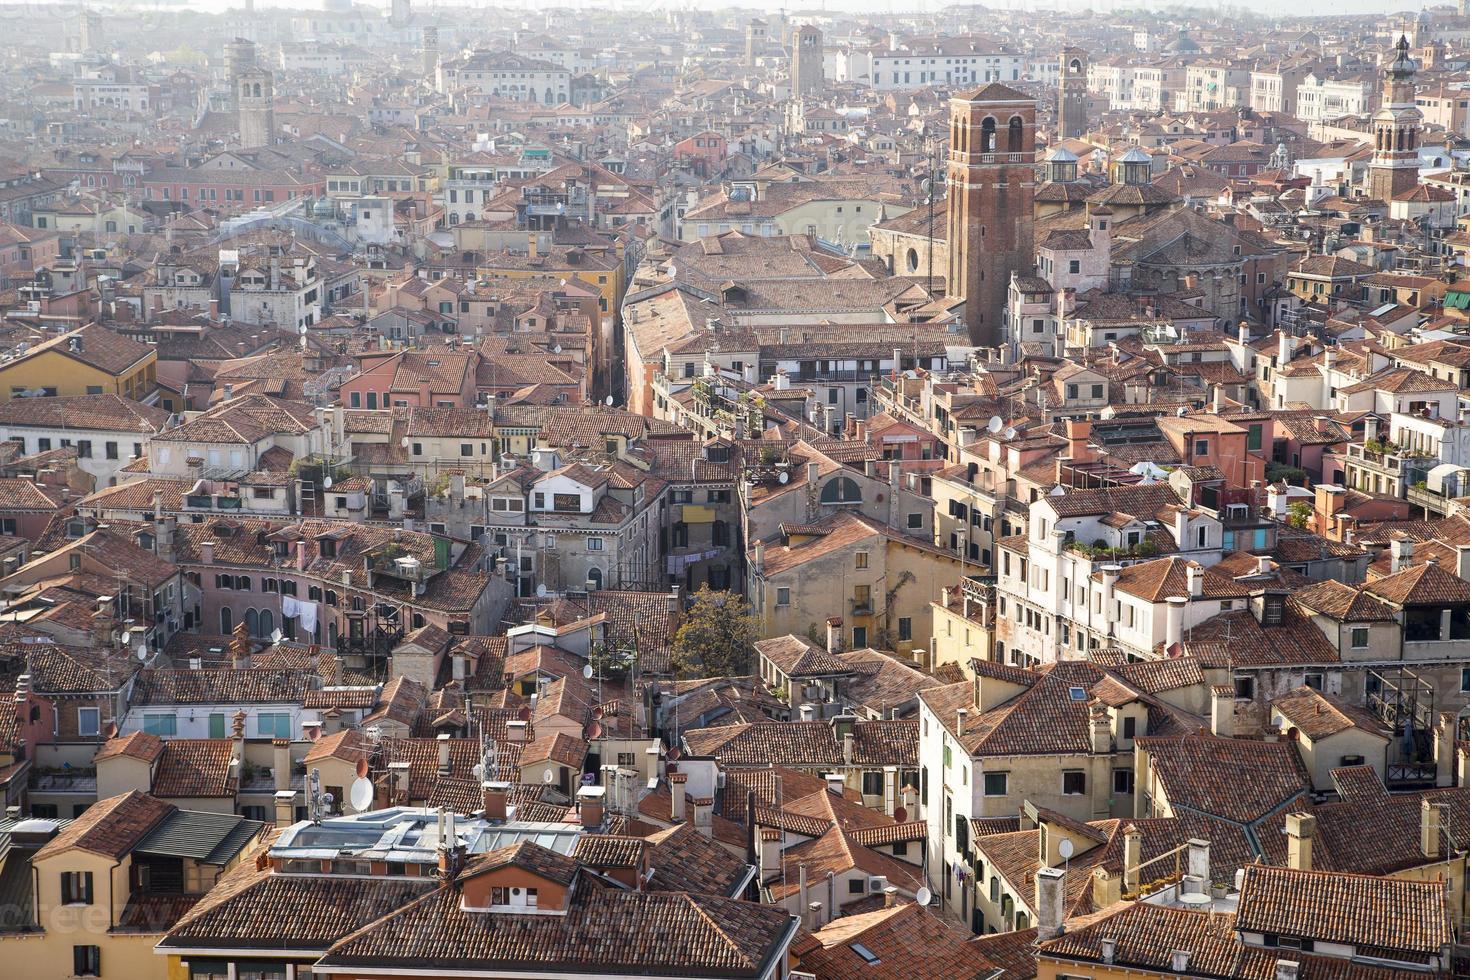 Luchtfoto van Unesco werelderfgoed Venetië stadsgezicht foto